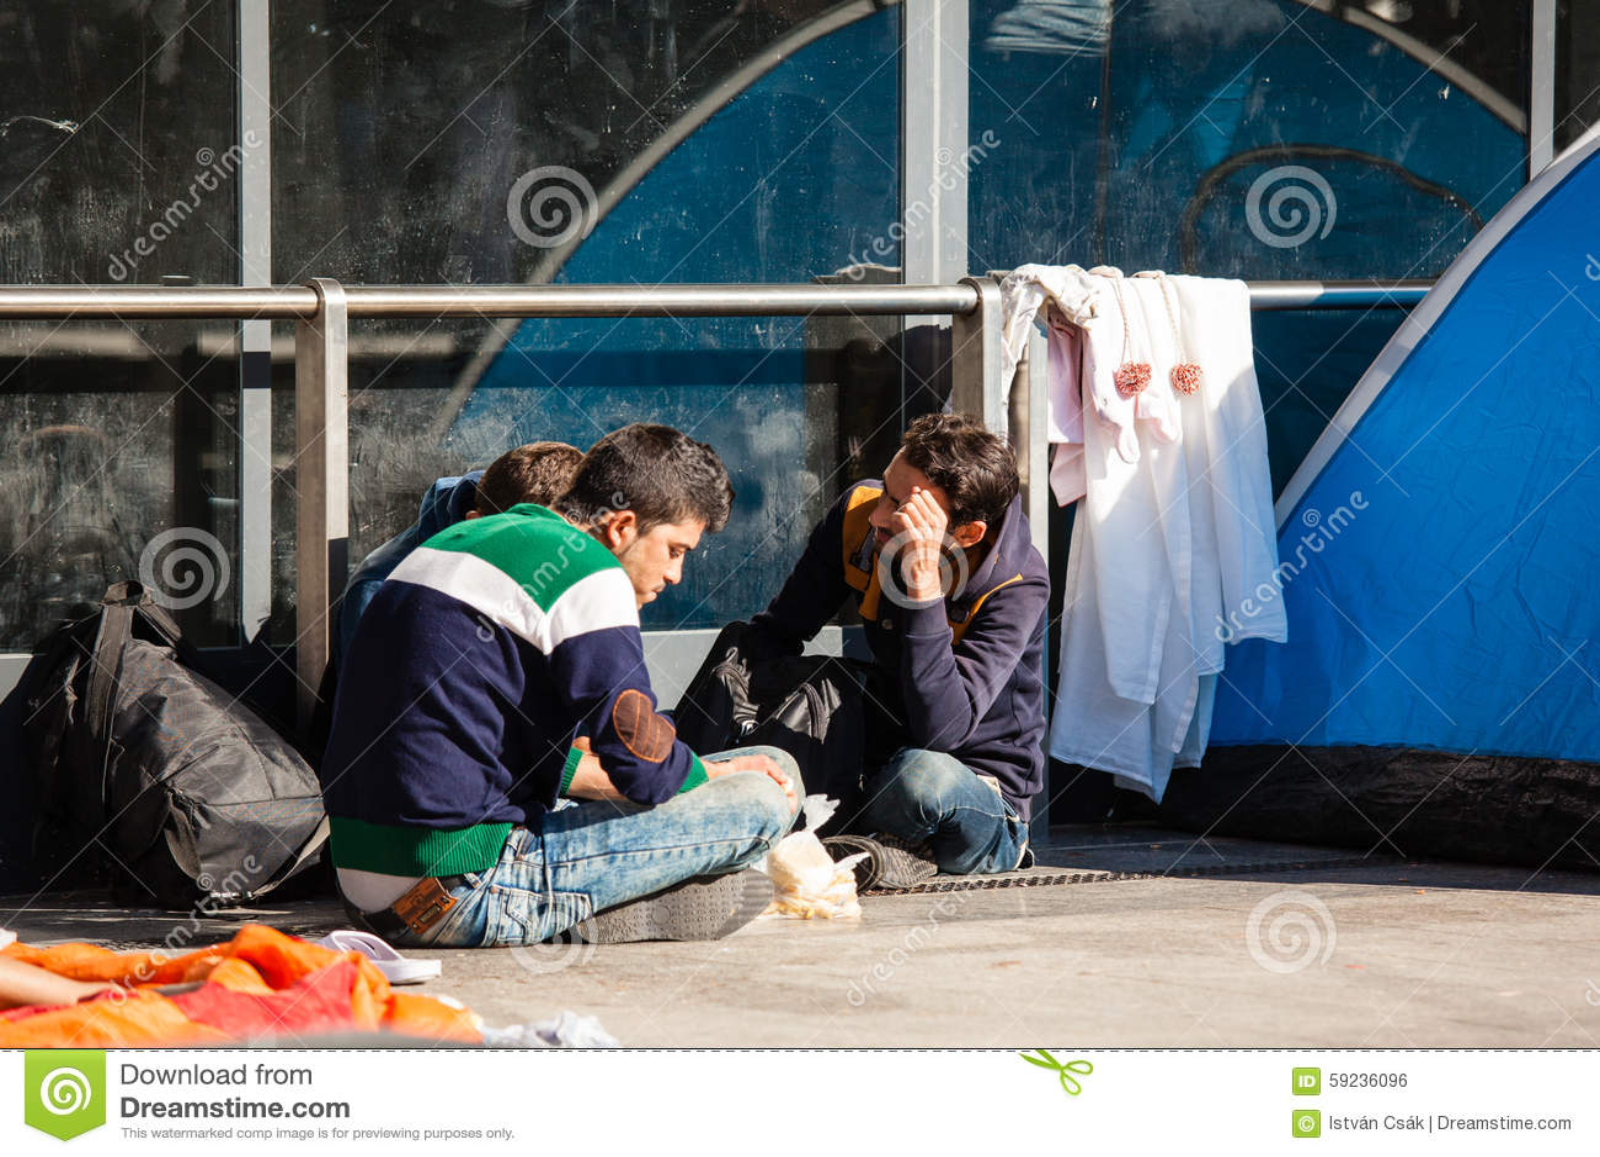 Refugiados de la guerra en el ferrocarril de Keleti